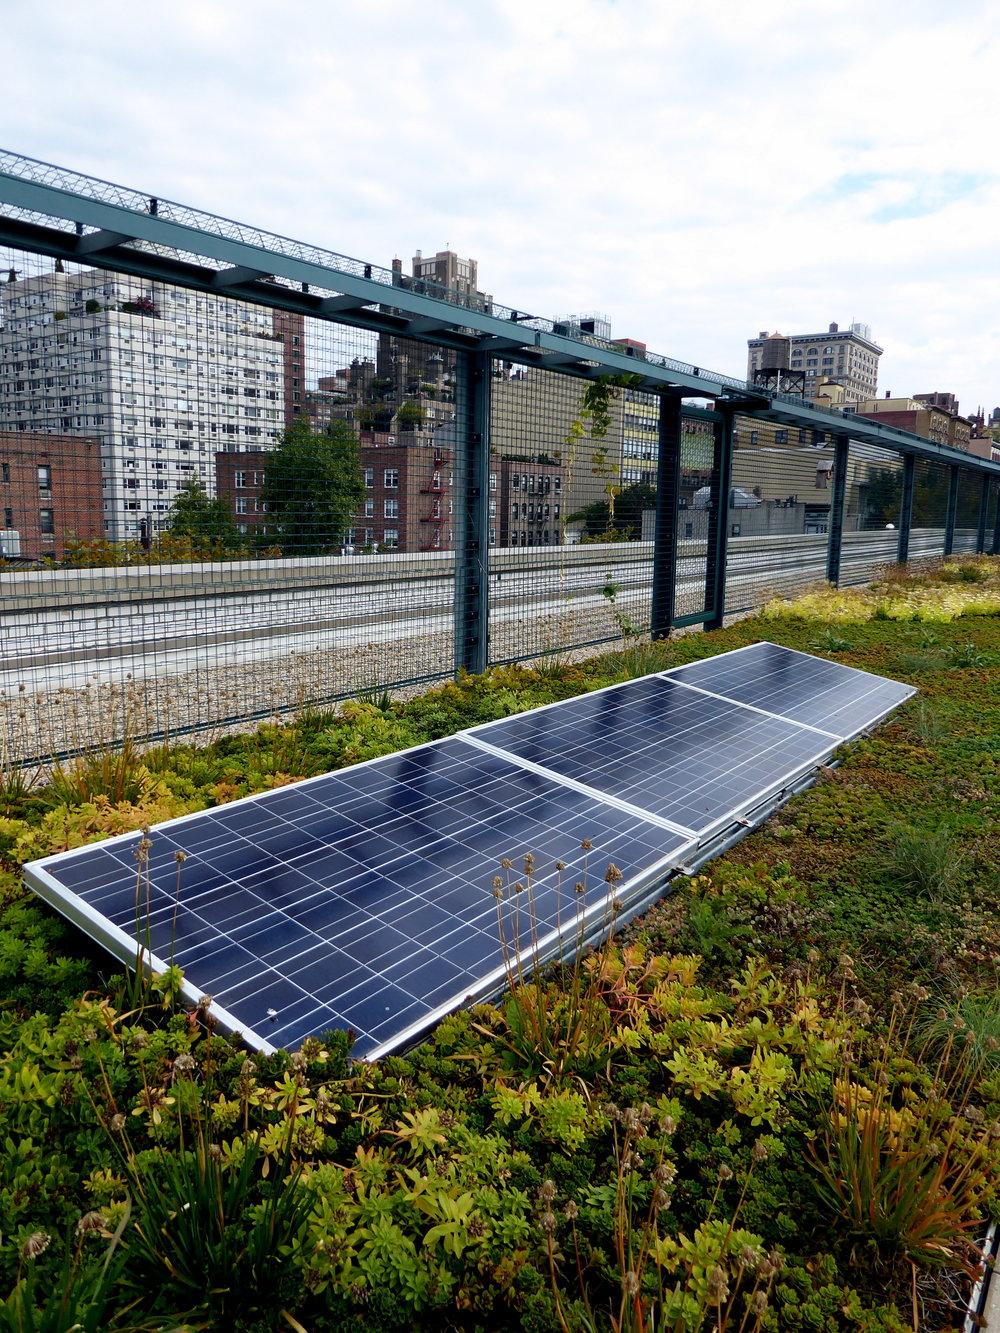 Solceller i kombinasjon med grønne tak gir mer effektiv energiproduksjon enn solceller alene. Foto: Aloha Jon